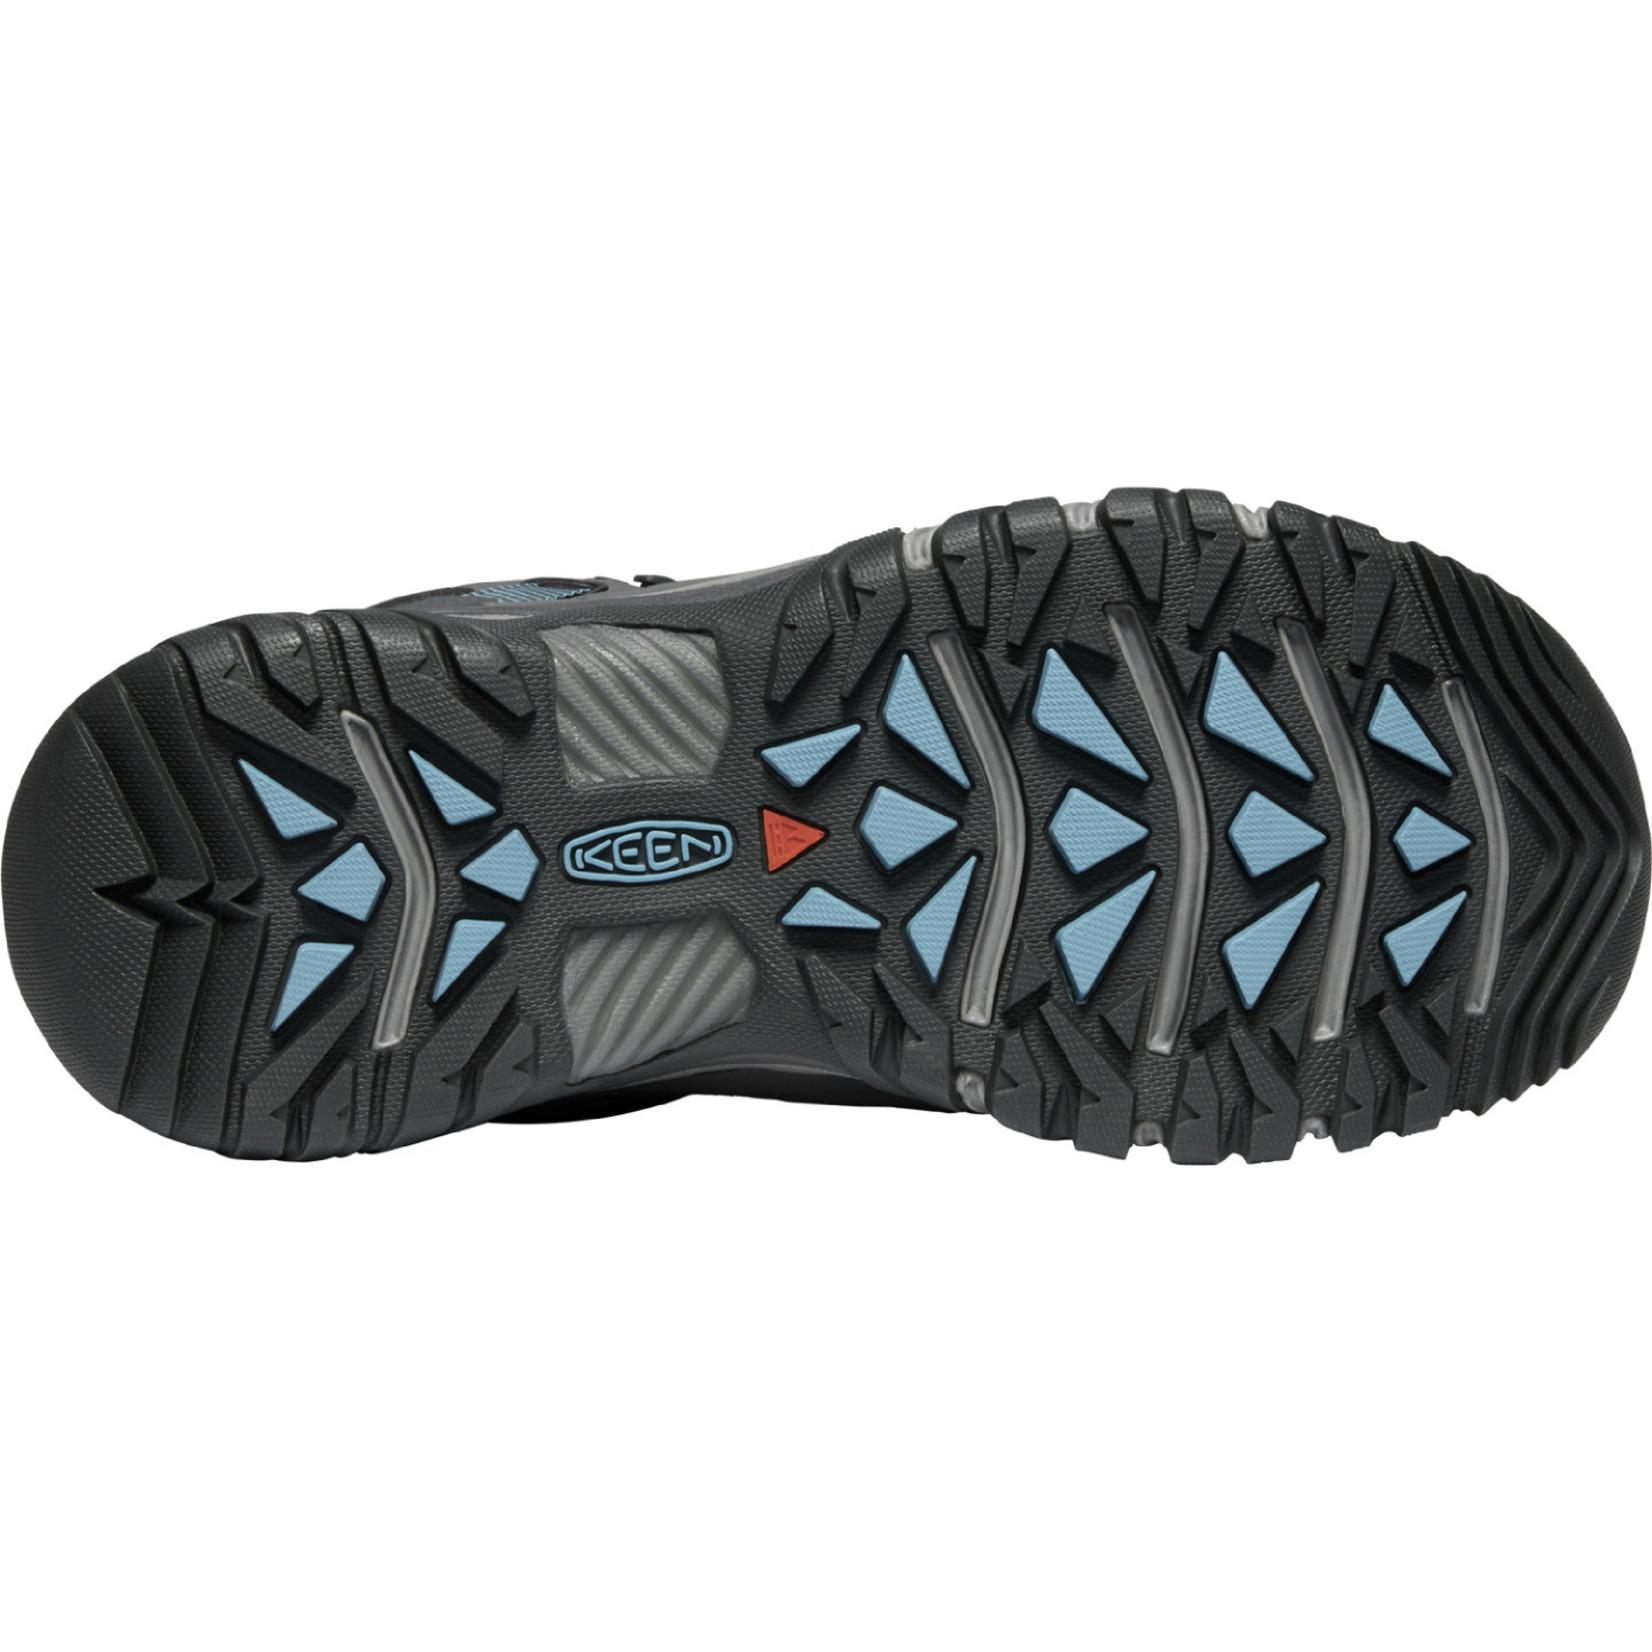 Keen Women's Keen Waterproof Targhee 3 Magnet/Atlantic Blue 1023040